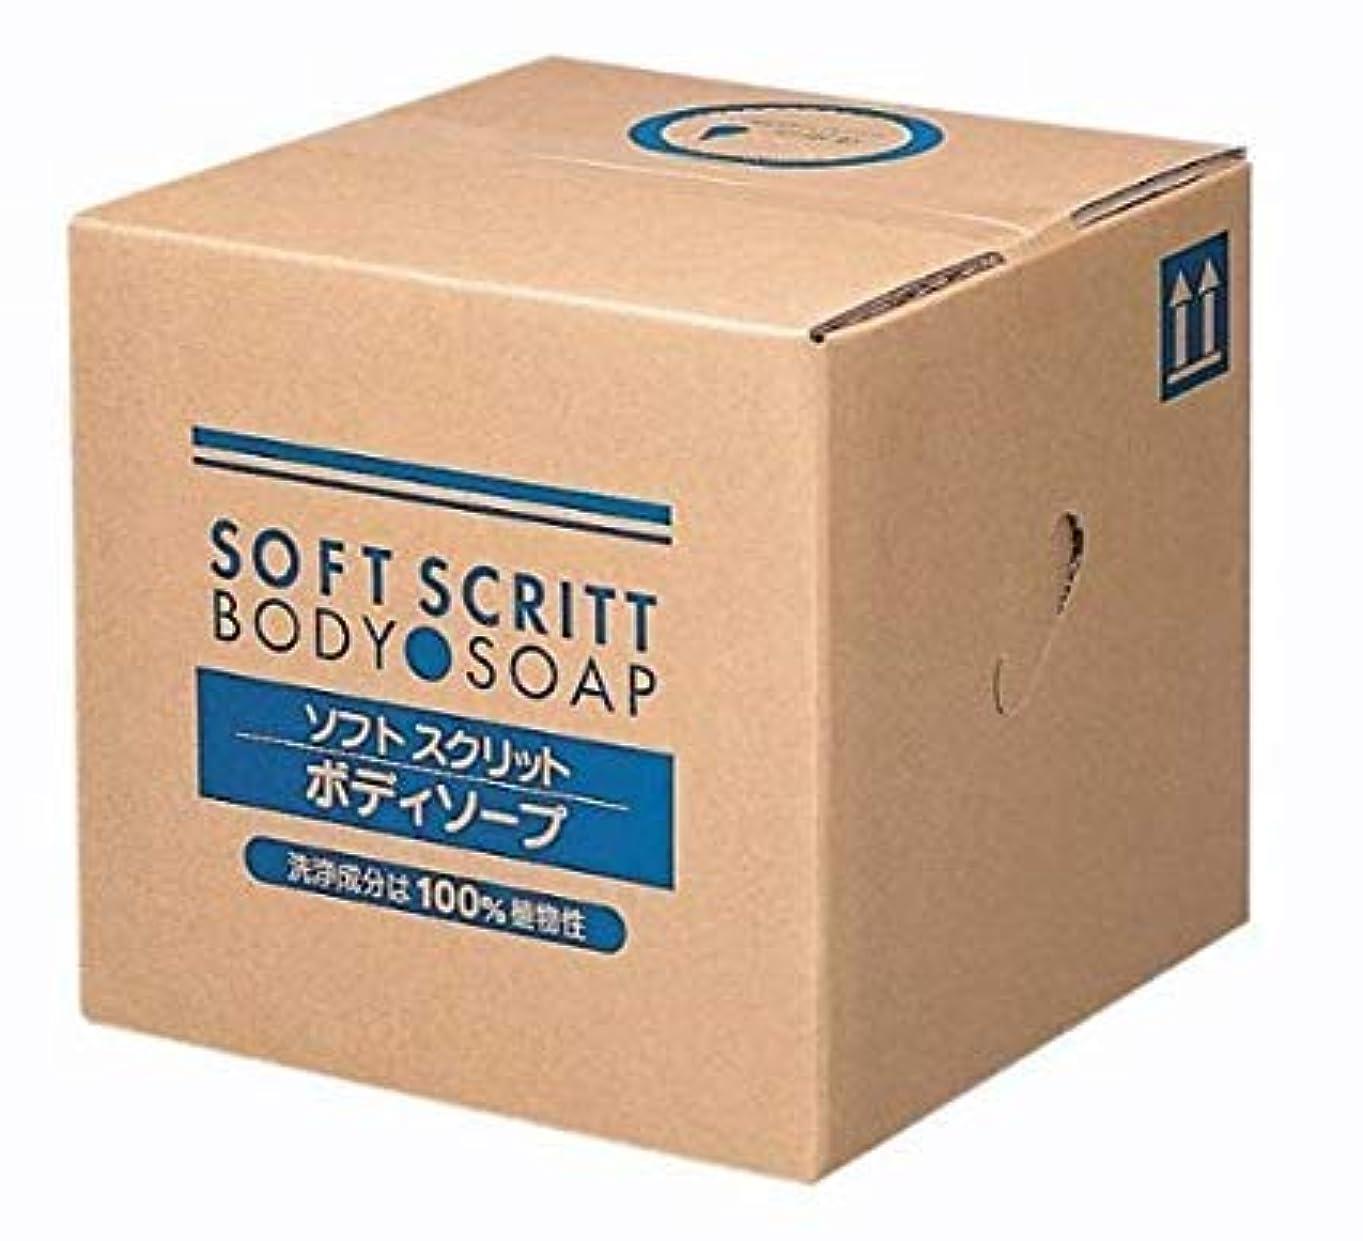 鉱石母悲鳴業務用 SOFT SCRITT(ソフト スクリット) ボディソープ 18L 熊野油脂 (コック無し)